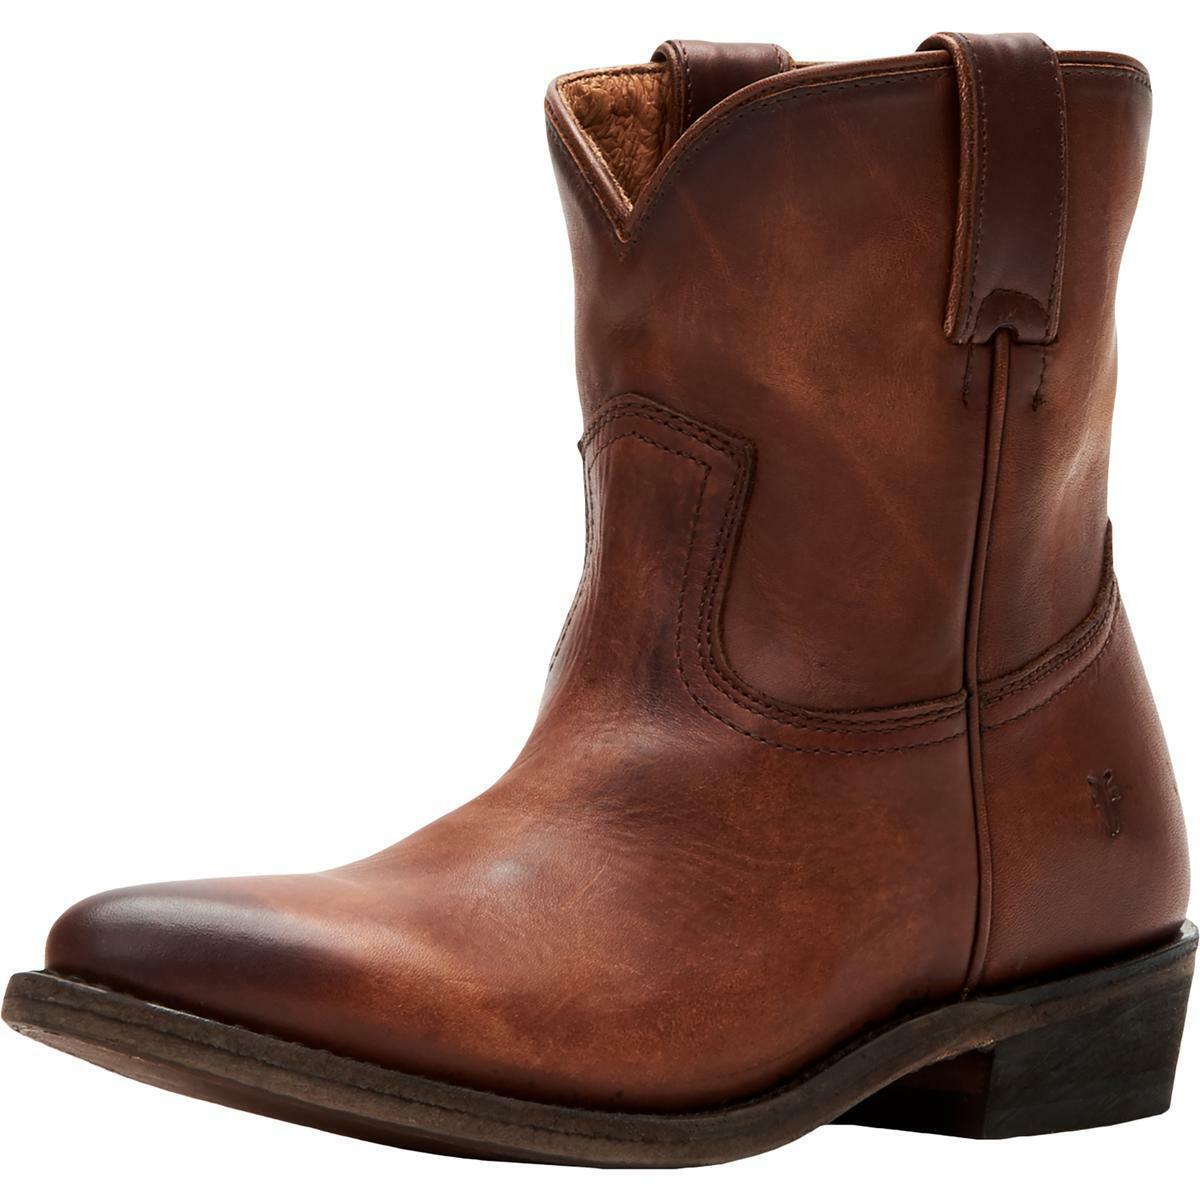 Frye Womens Billy Short Brown Cowboy, Western Boots 6.5 Medium (B,M) BHFO 8564